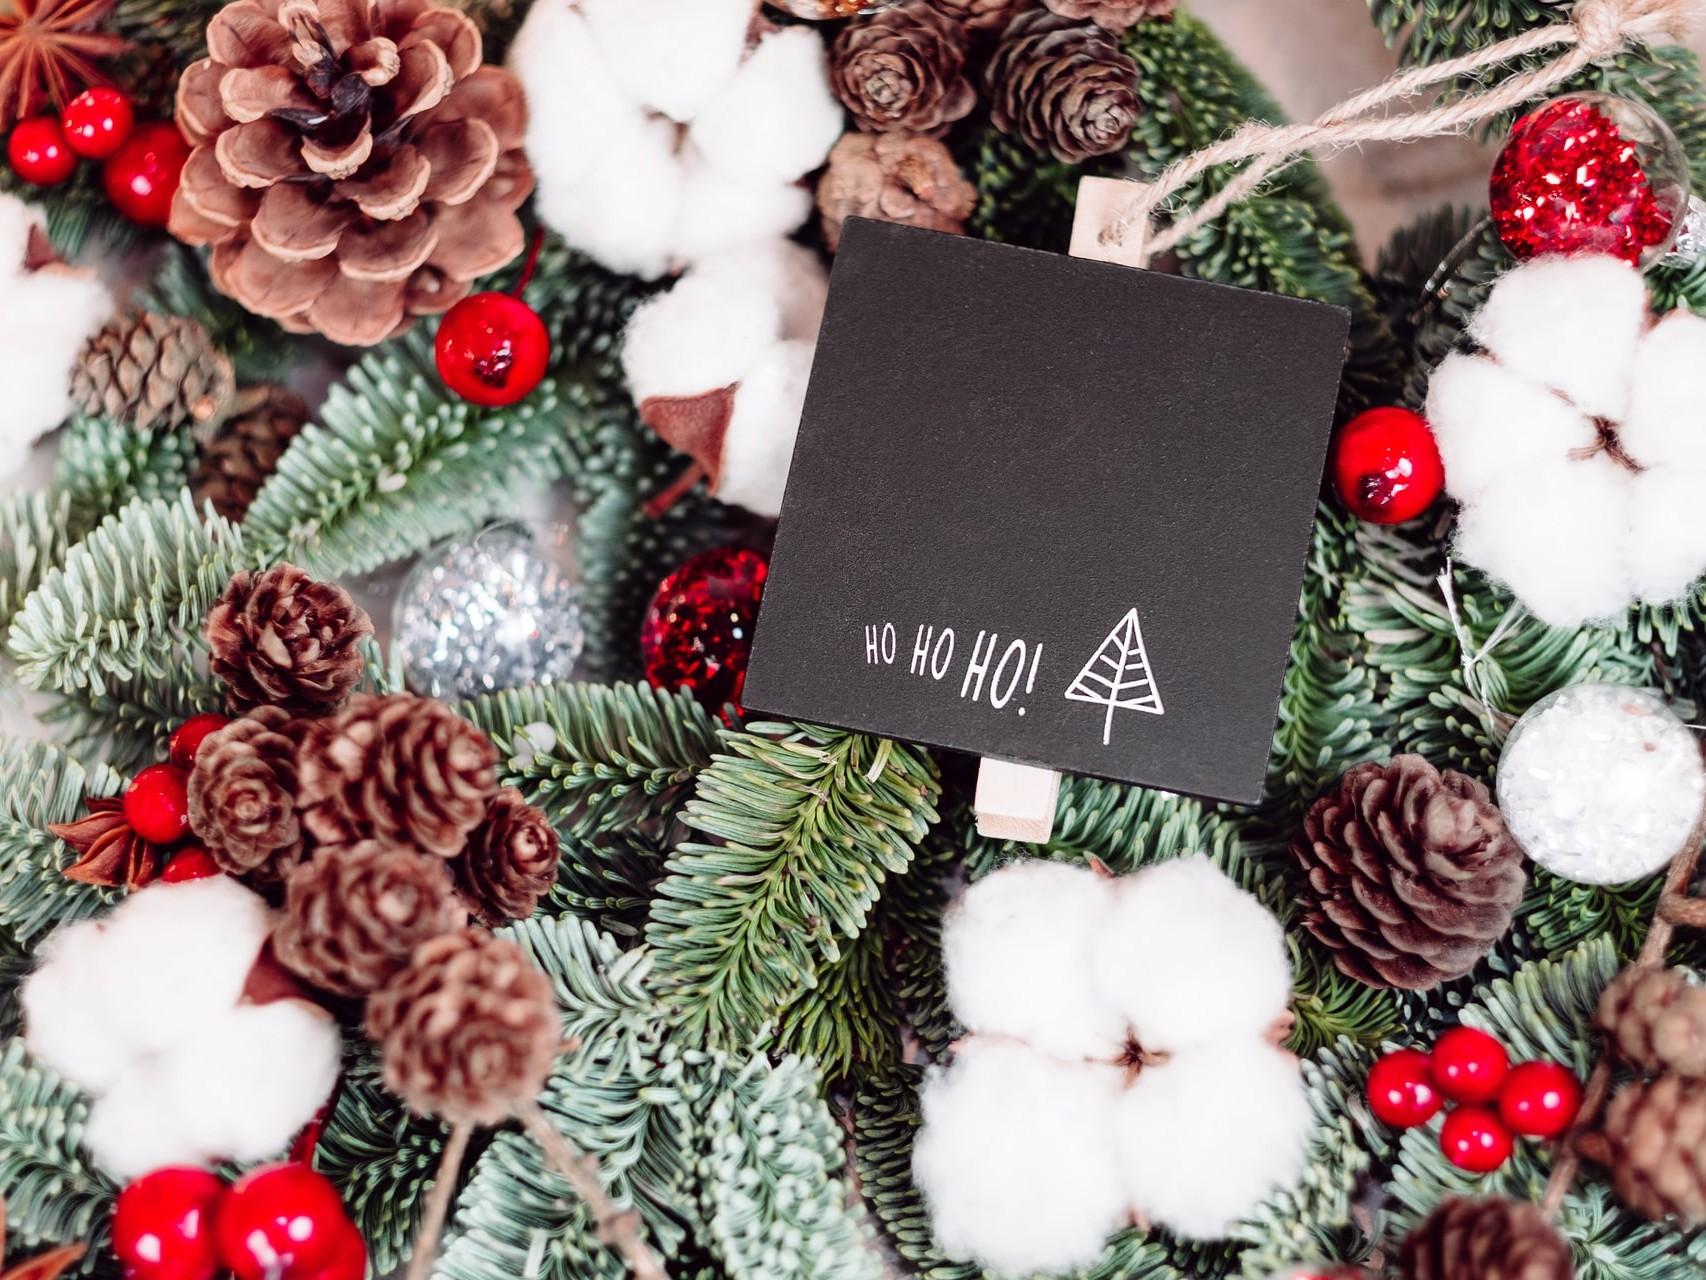 phrasal verbs at Christmas